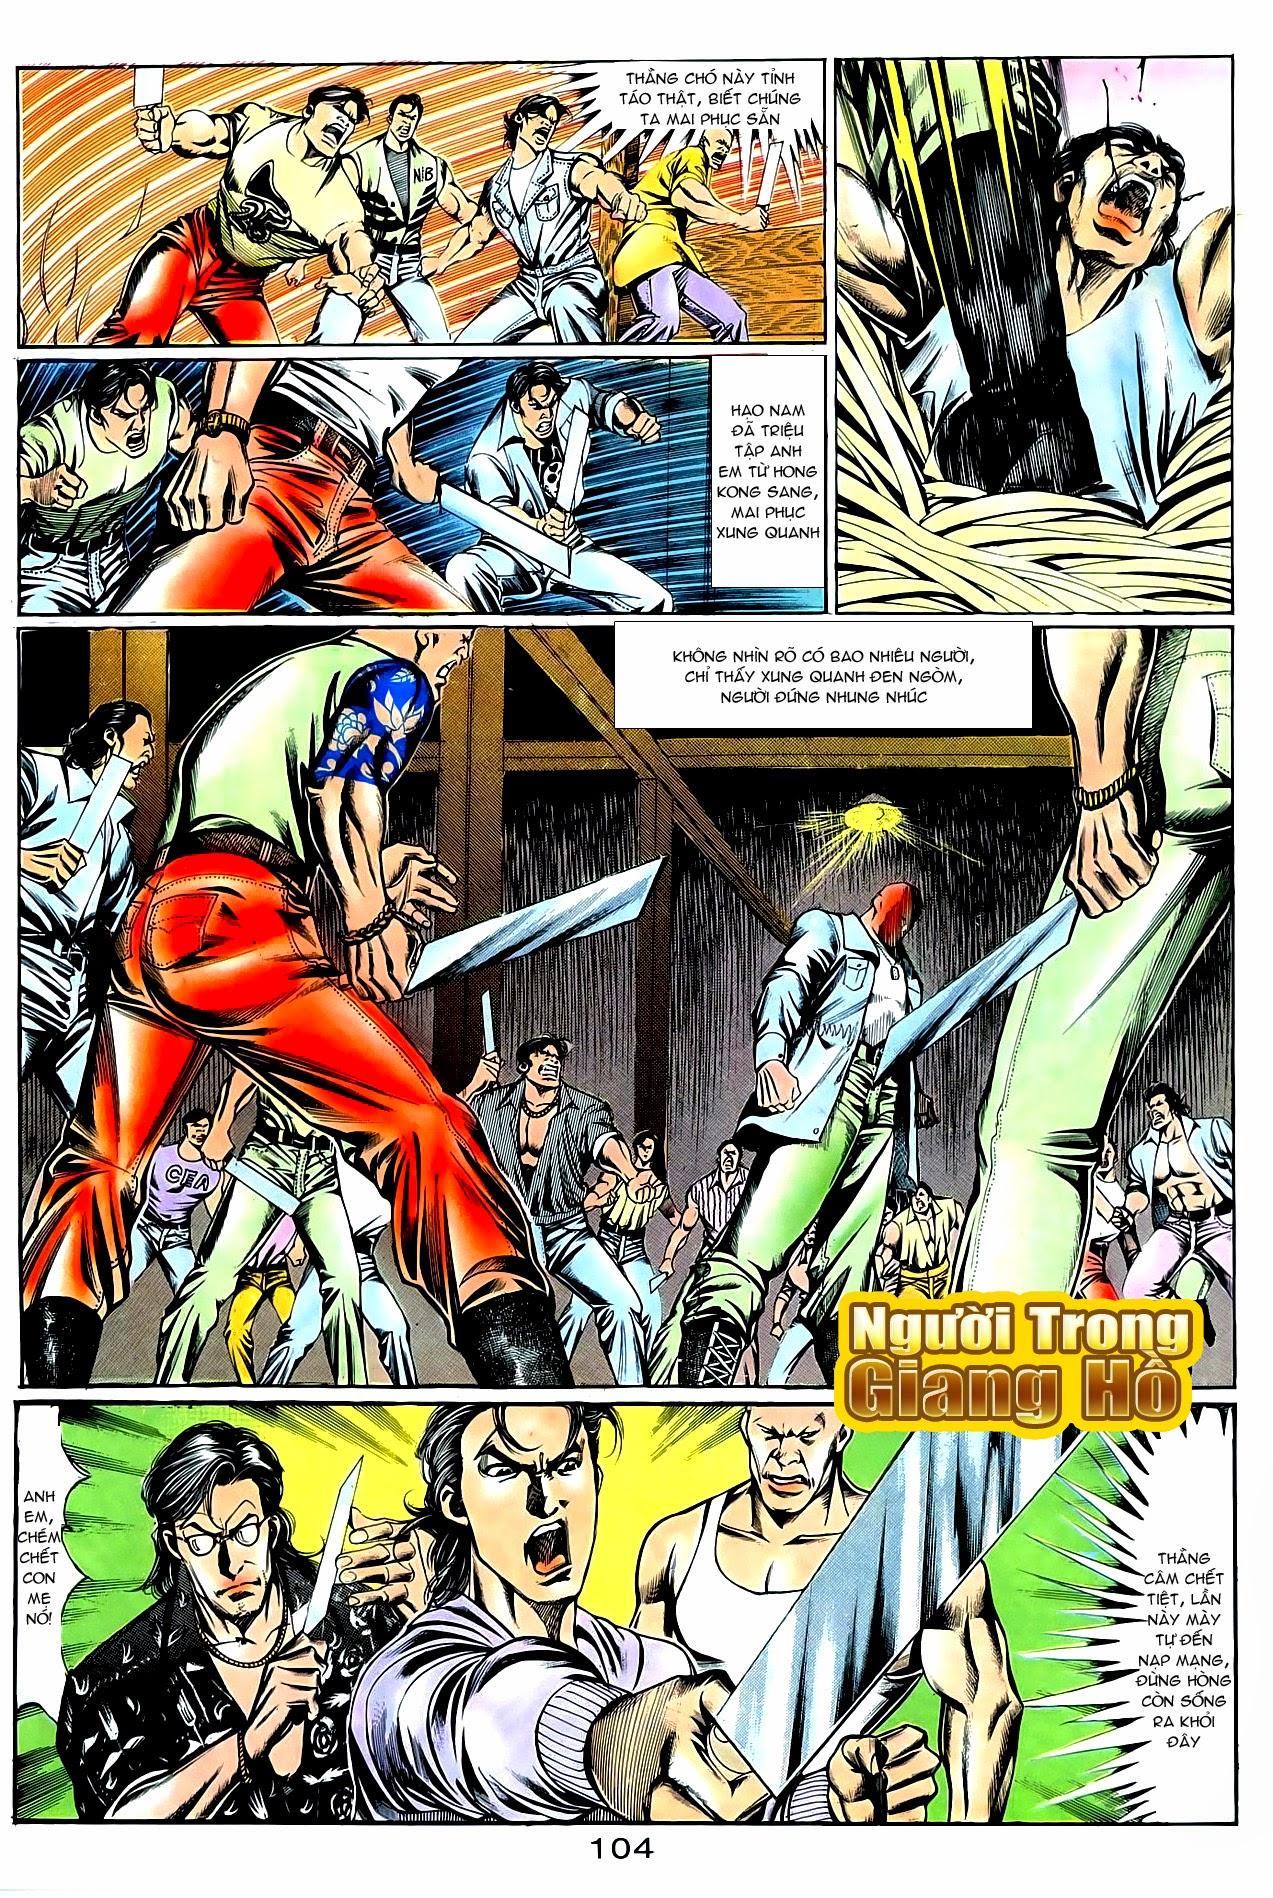 Người Trong Giang Hồ chapter 95: tình kiêu trang 5